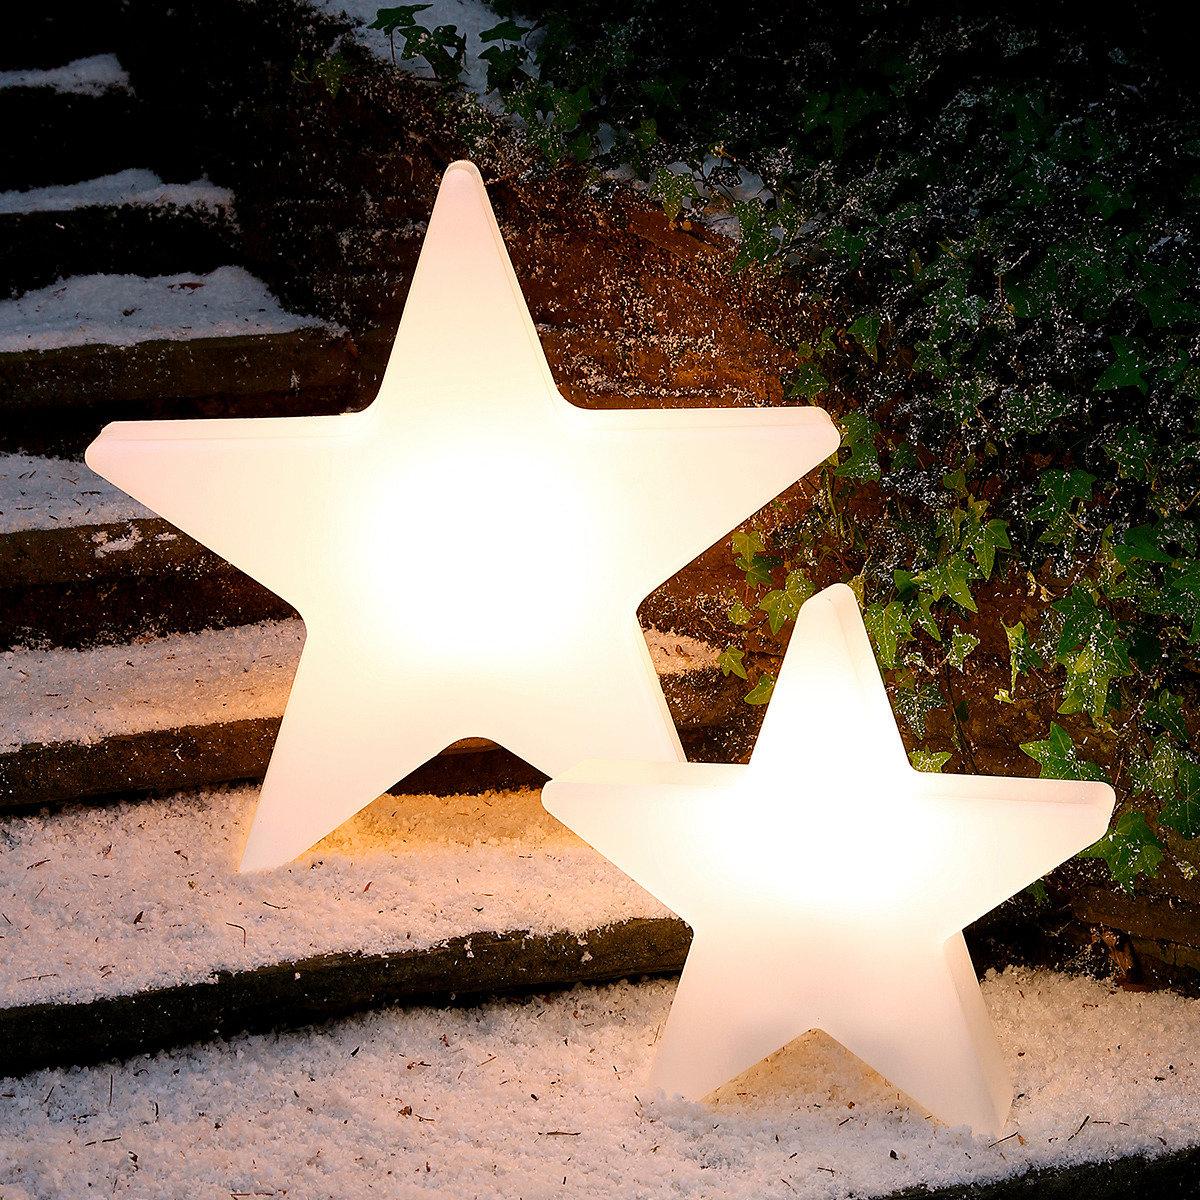 Maxi leuchtstern shining star klein von g rtner p tschke for Gartendeko katalog